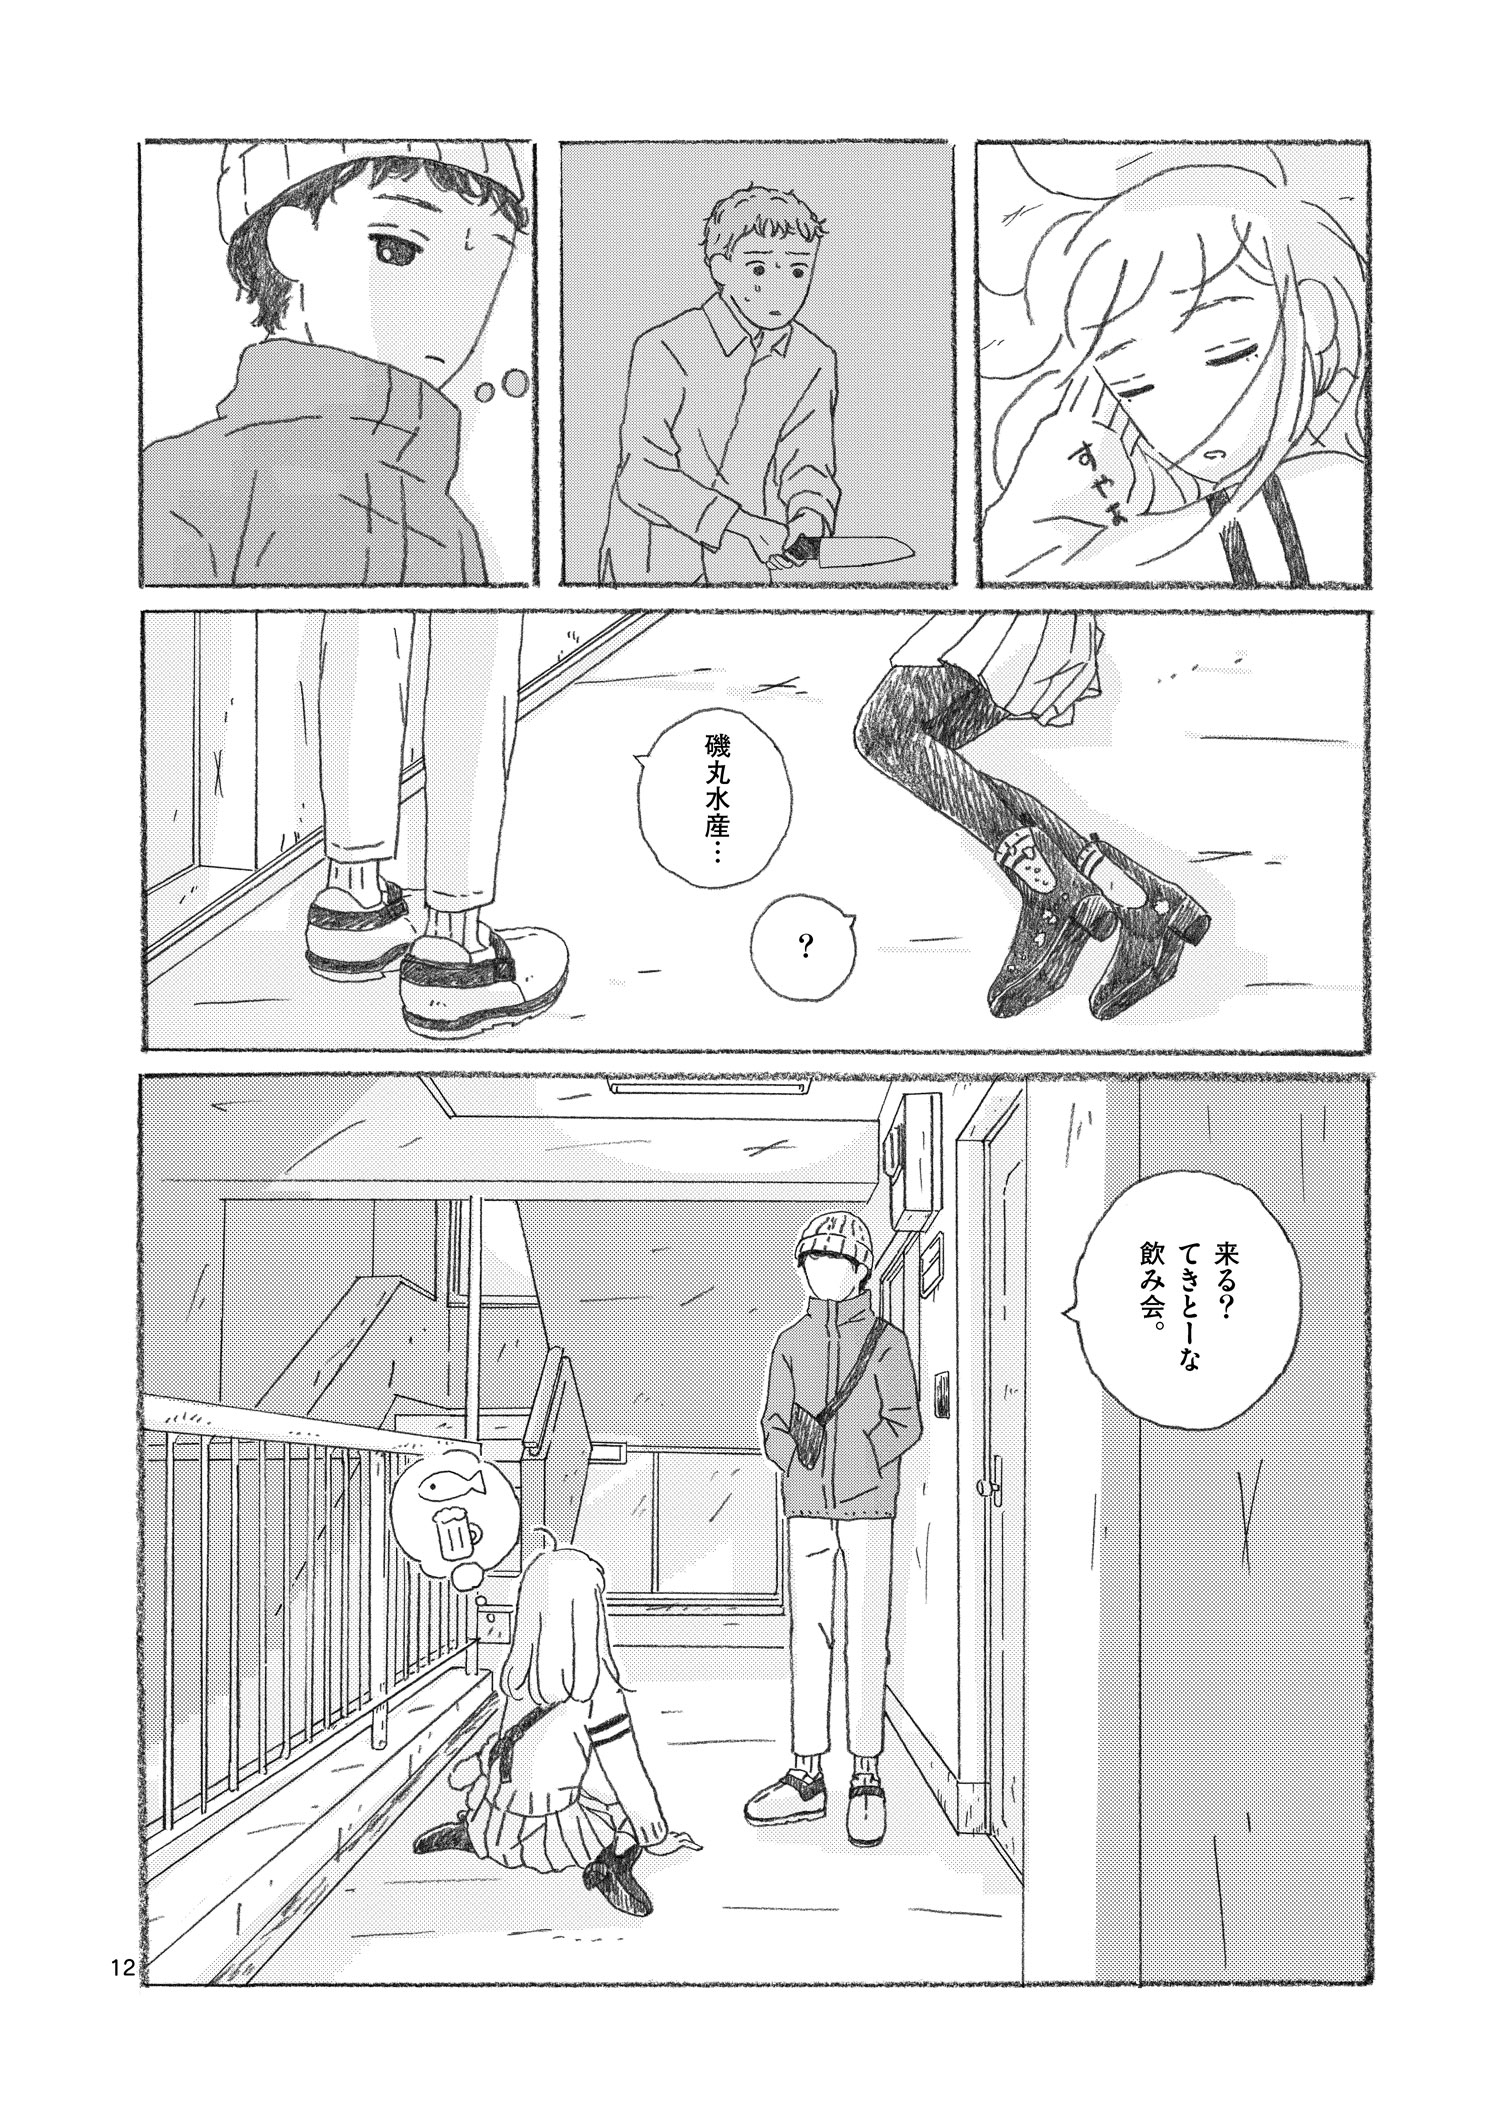 大島智子「セッちゃん」第2話P12